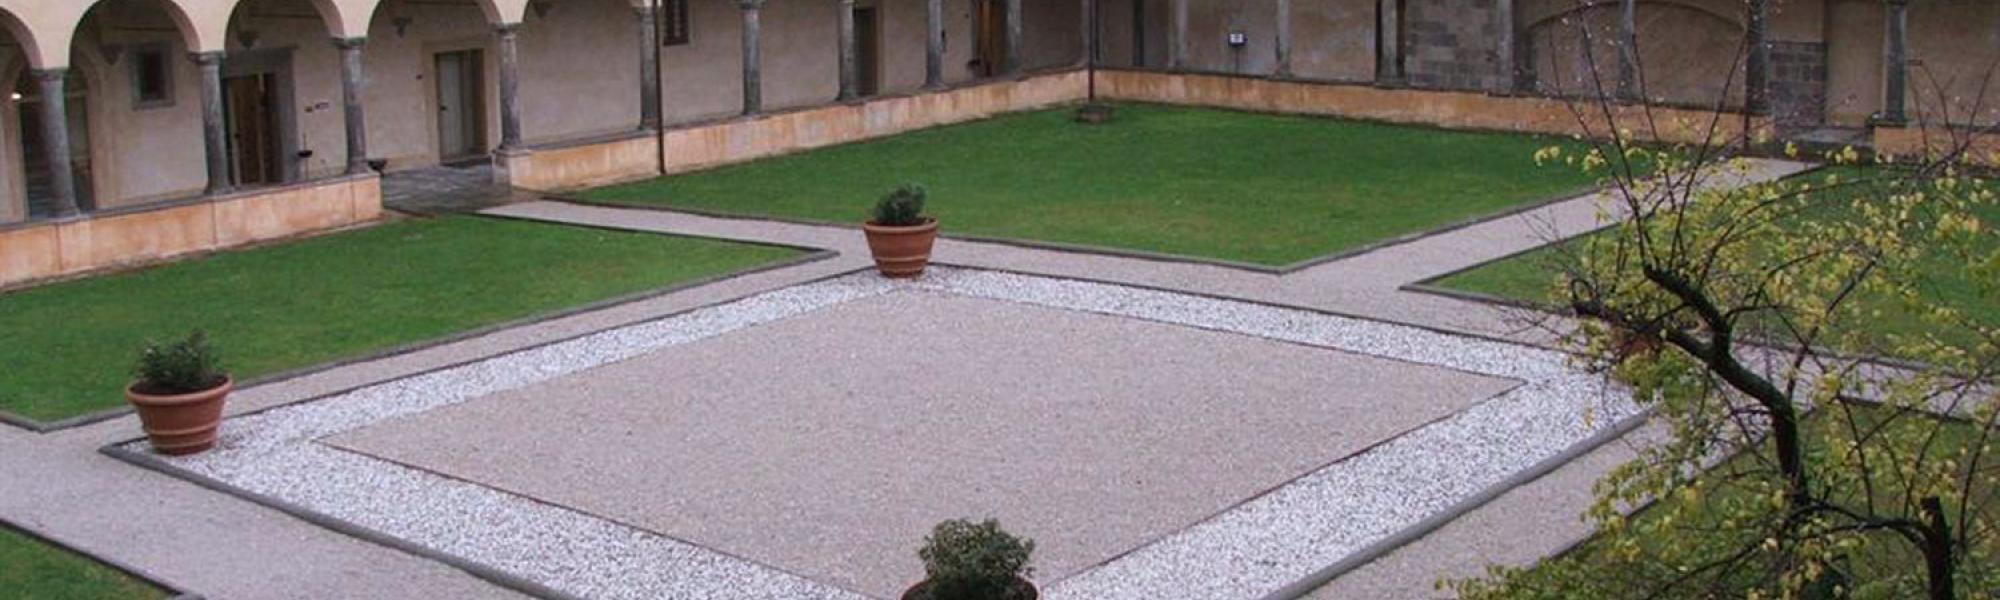 Convento di S. Croce in Fossabanda, il chiostro interno (http://www.listaippocrate.it)